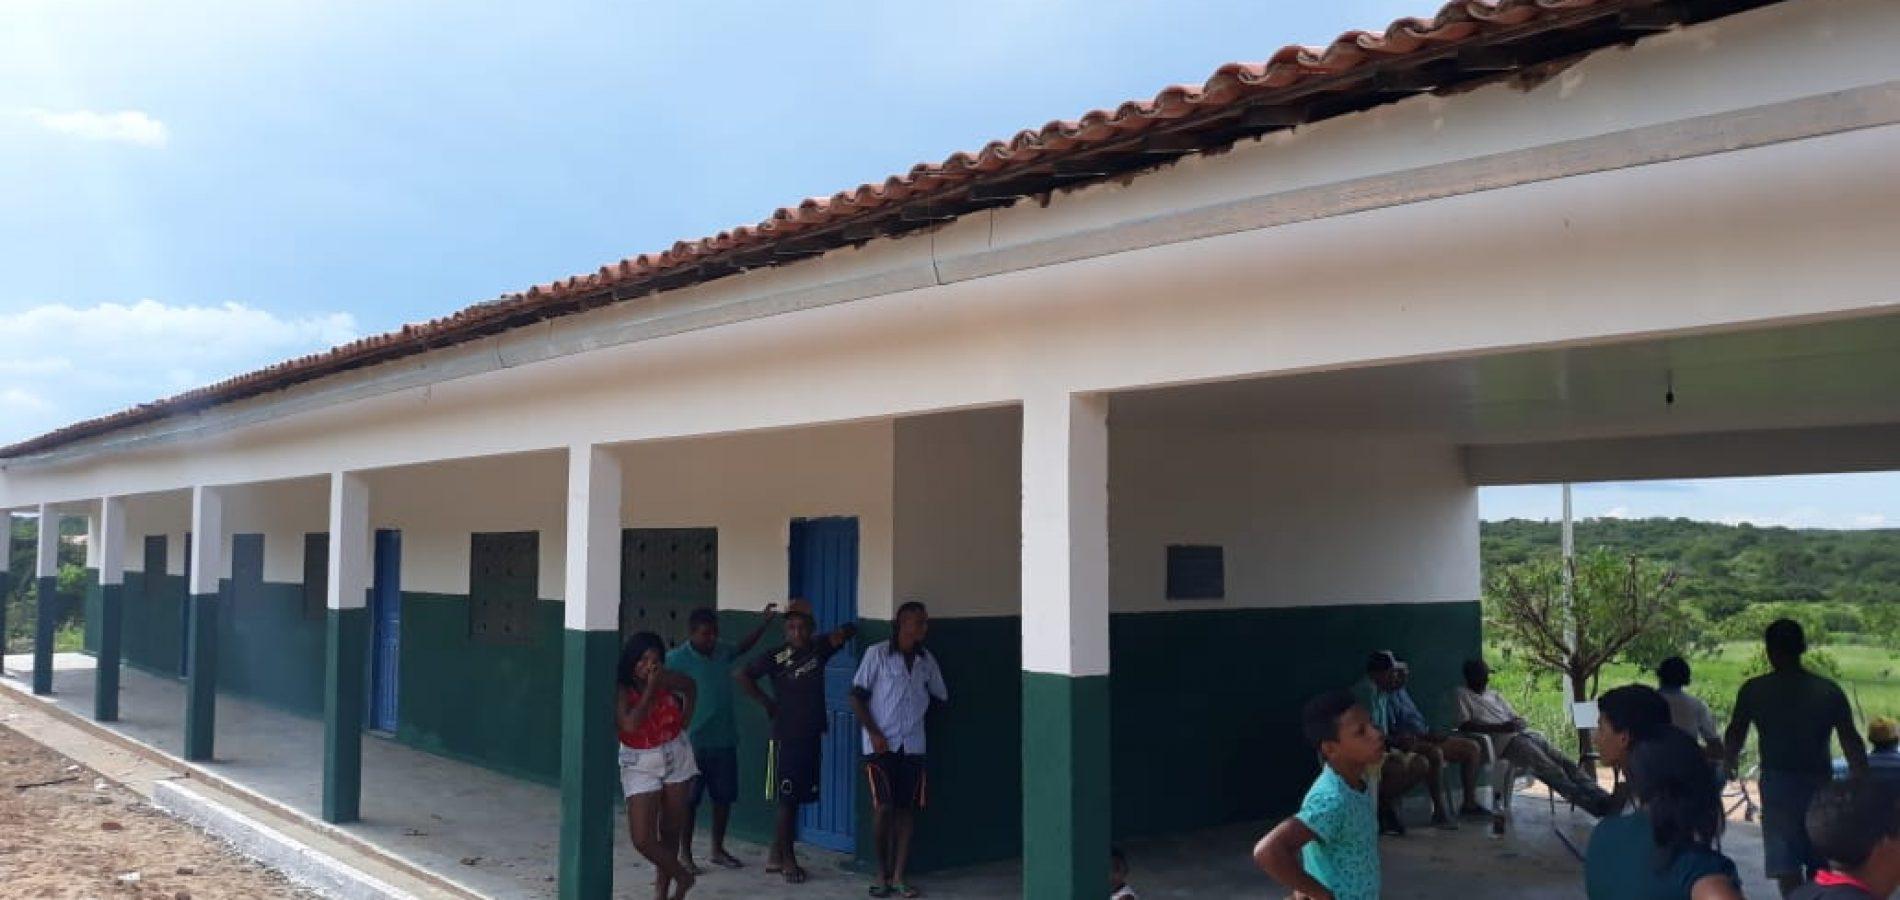 Prefeitura de Jaicós investe na melhoria das escolas municipais com reformas e climatização